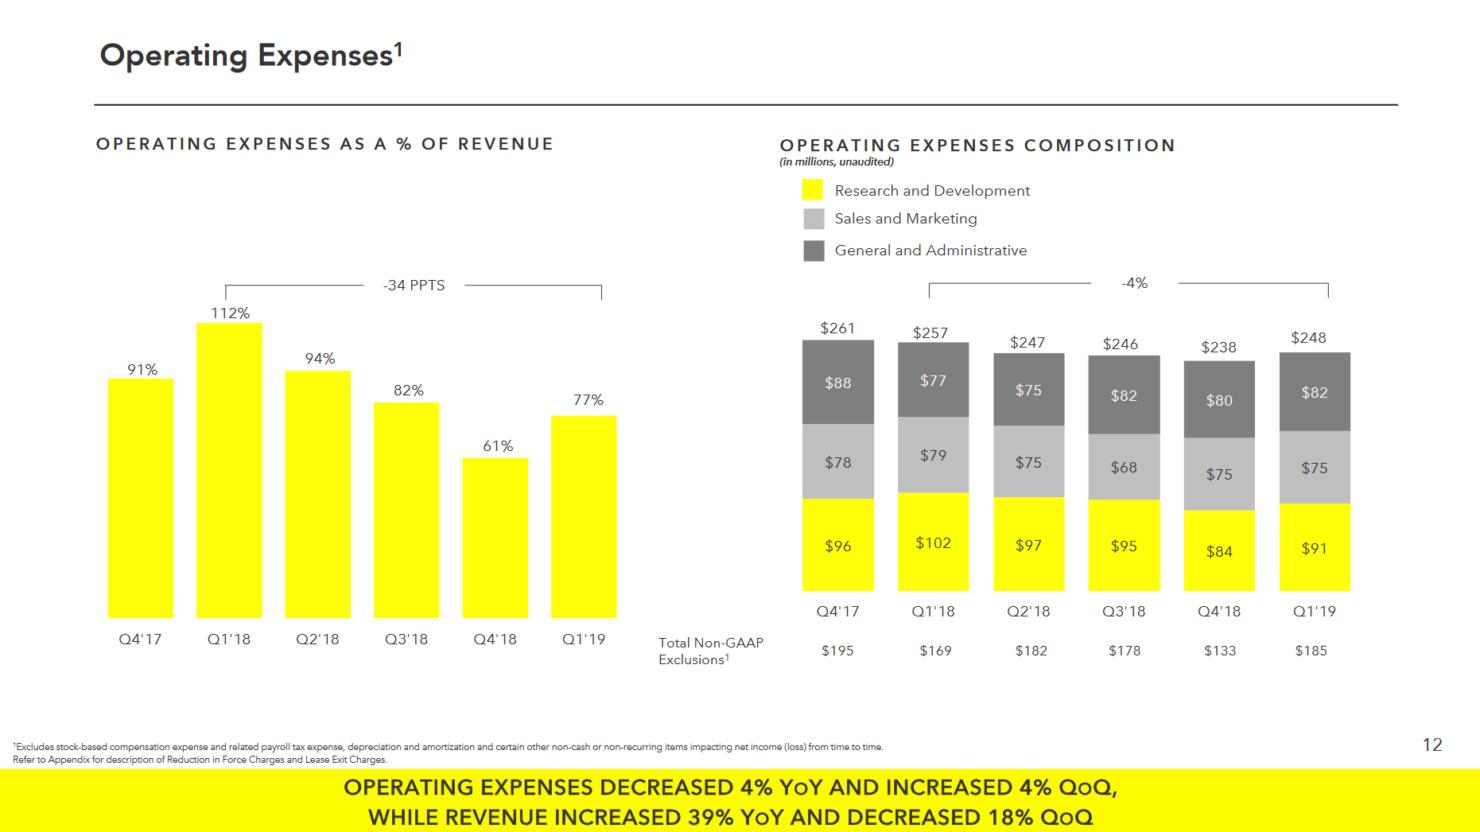 screenshot_2019-04-23-q1-19-earnings-slides-pdf2